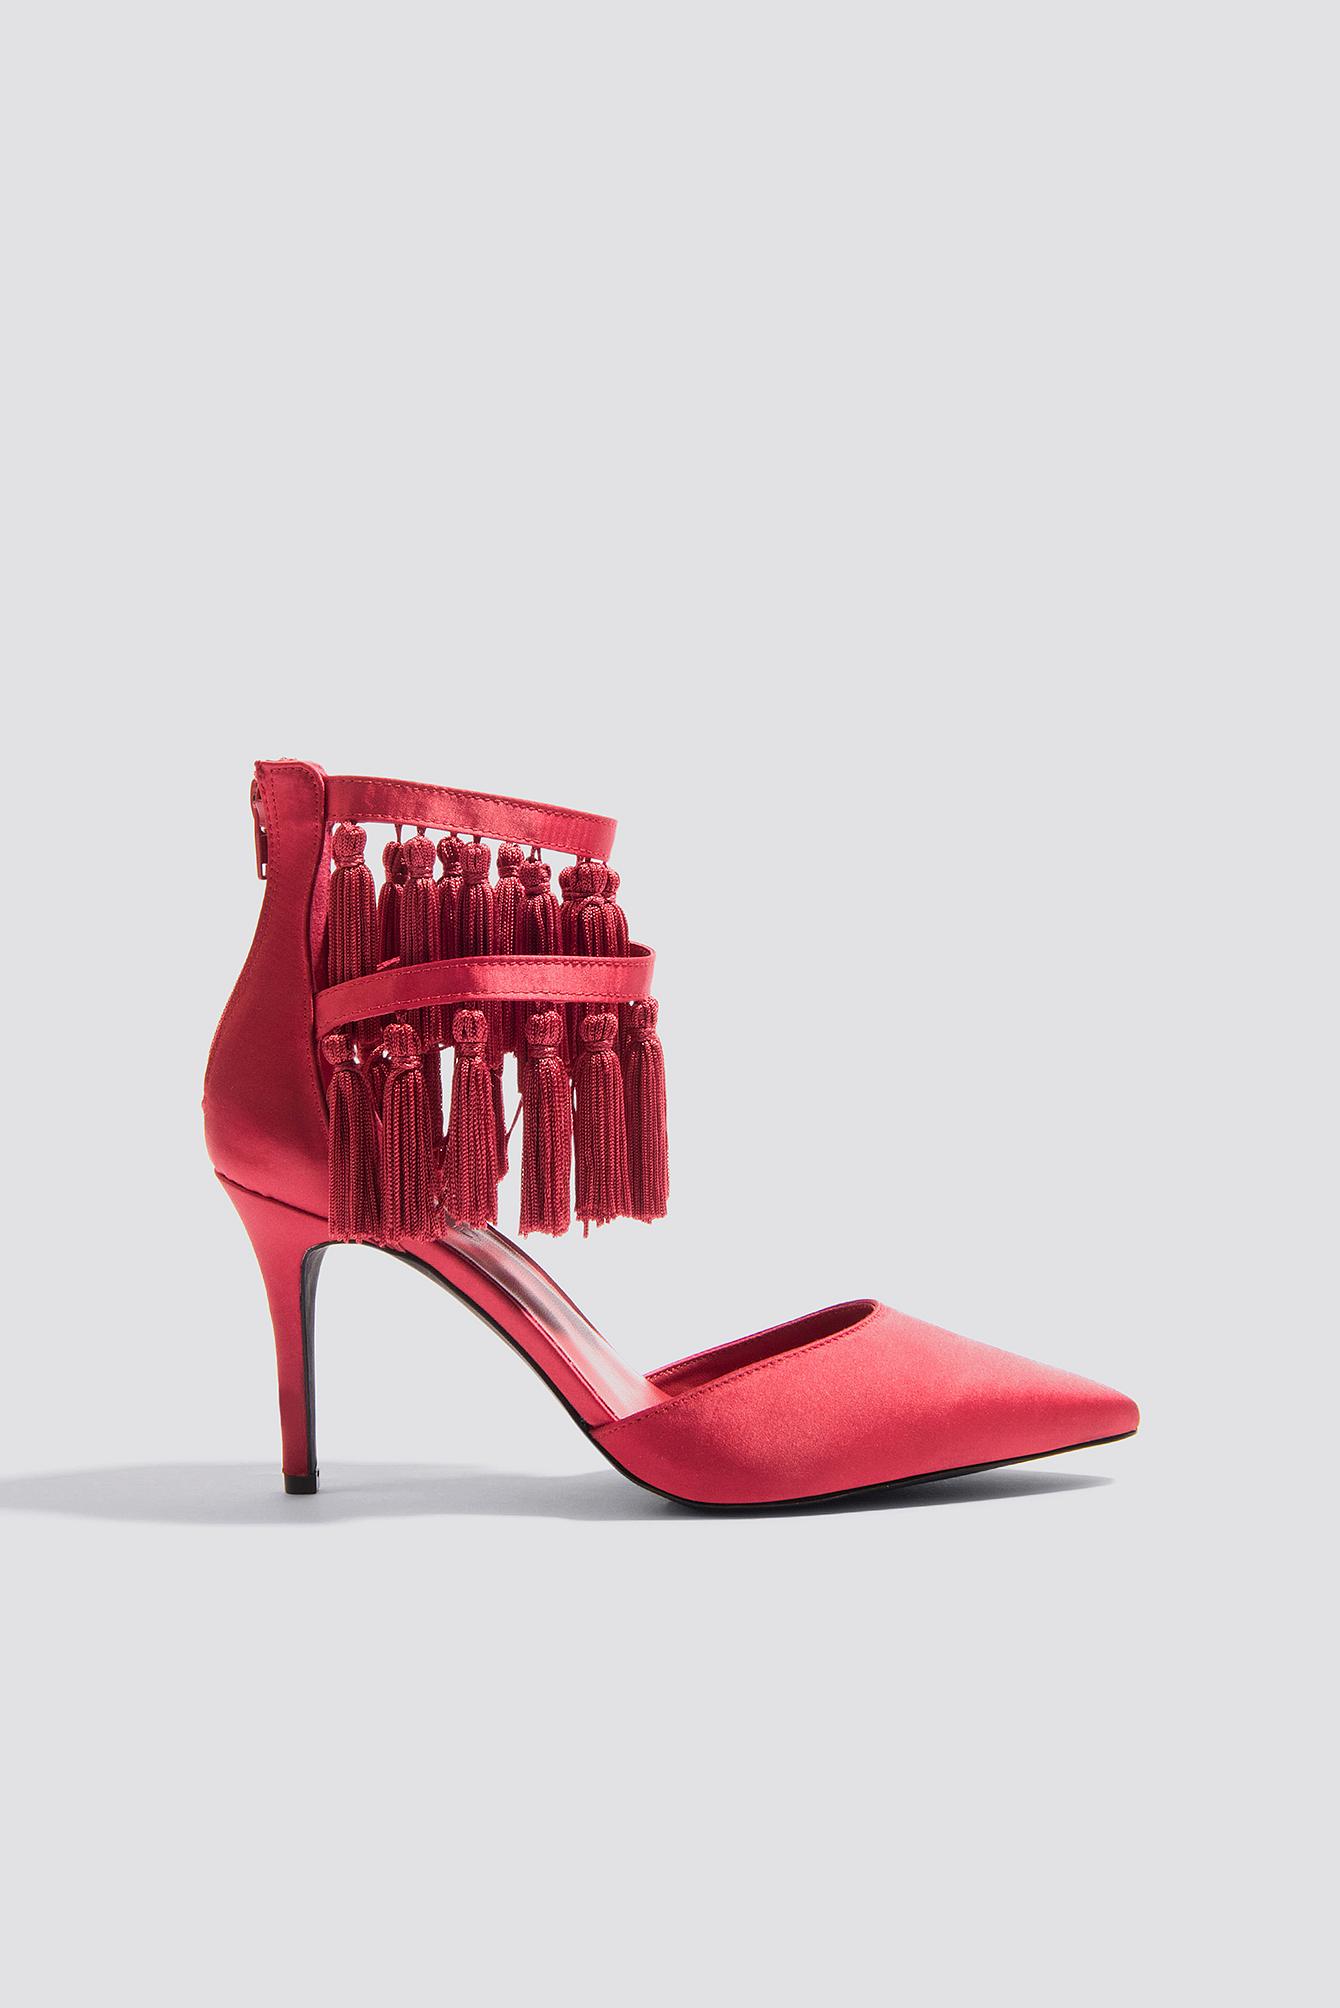 buy online 874c0 80327 split leather ankle boots shoes color camel  tassle high heels na kd